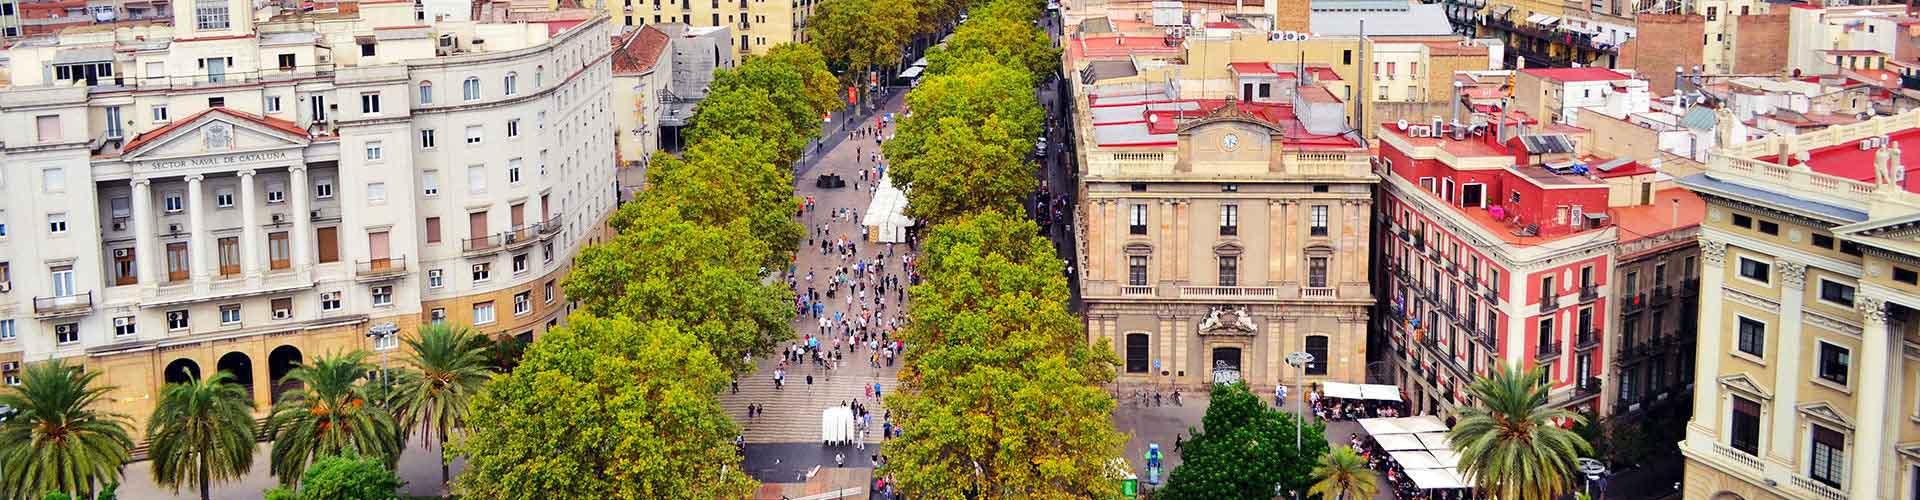 Barcelona - Albergues cerca a Las Ramblas. Mapas de Barcelona, Fotos y Comentarios para cada Albergue en Barcelona.